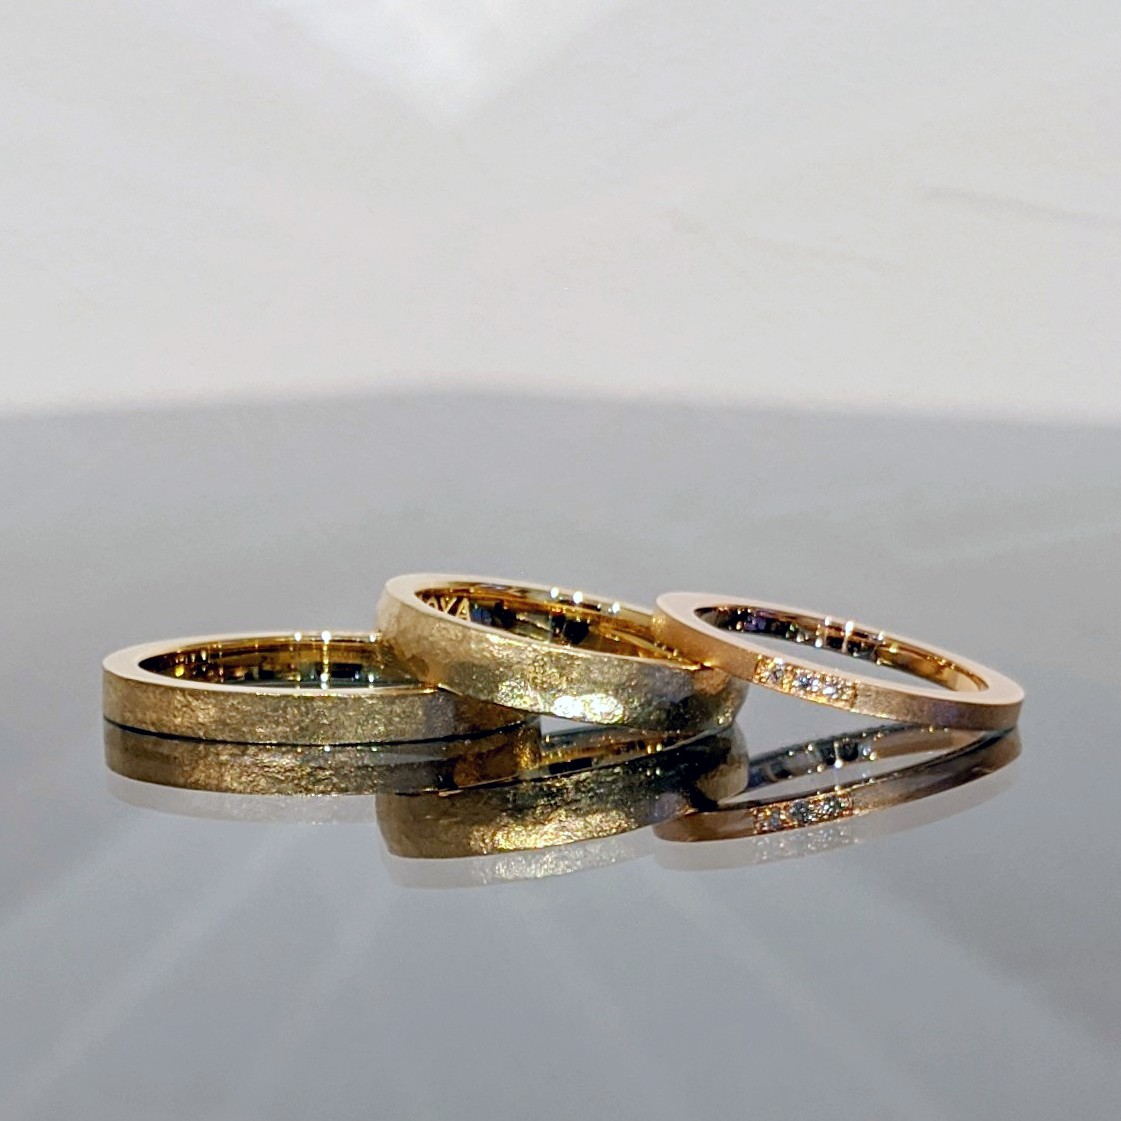 アレンジをたくさん楽しんだ婚約指輪と結婚指輪